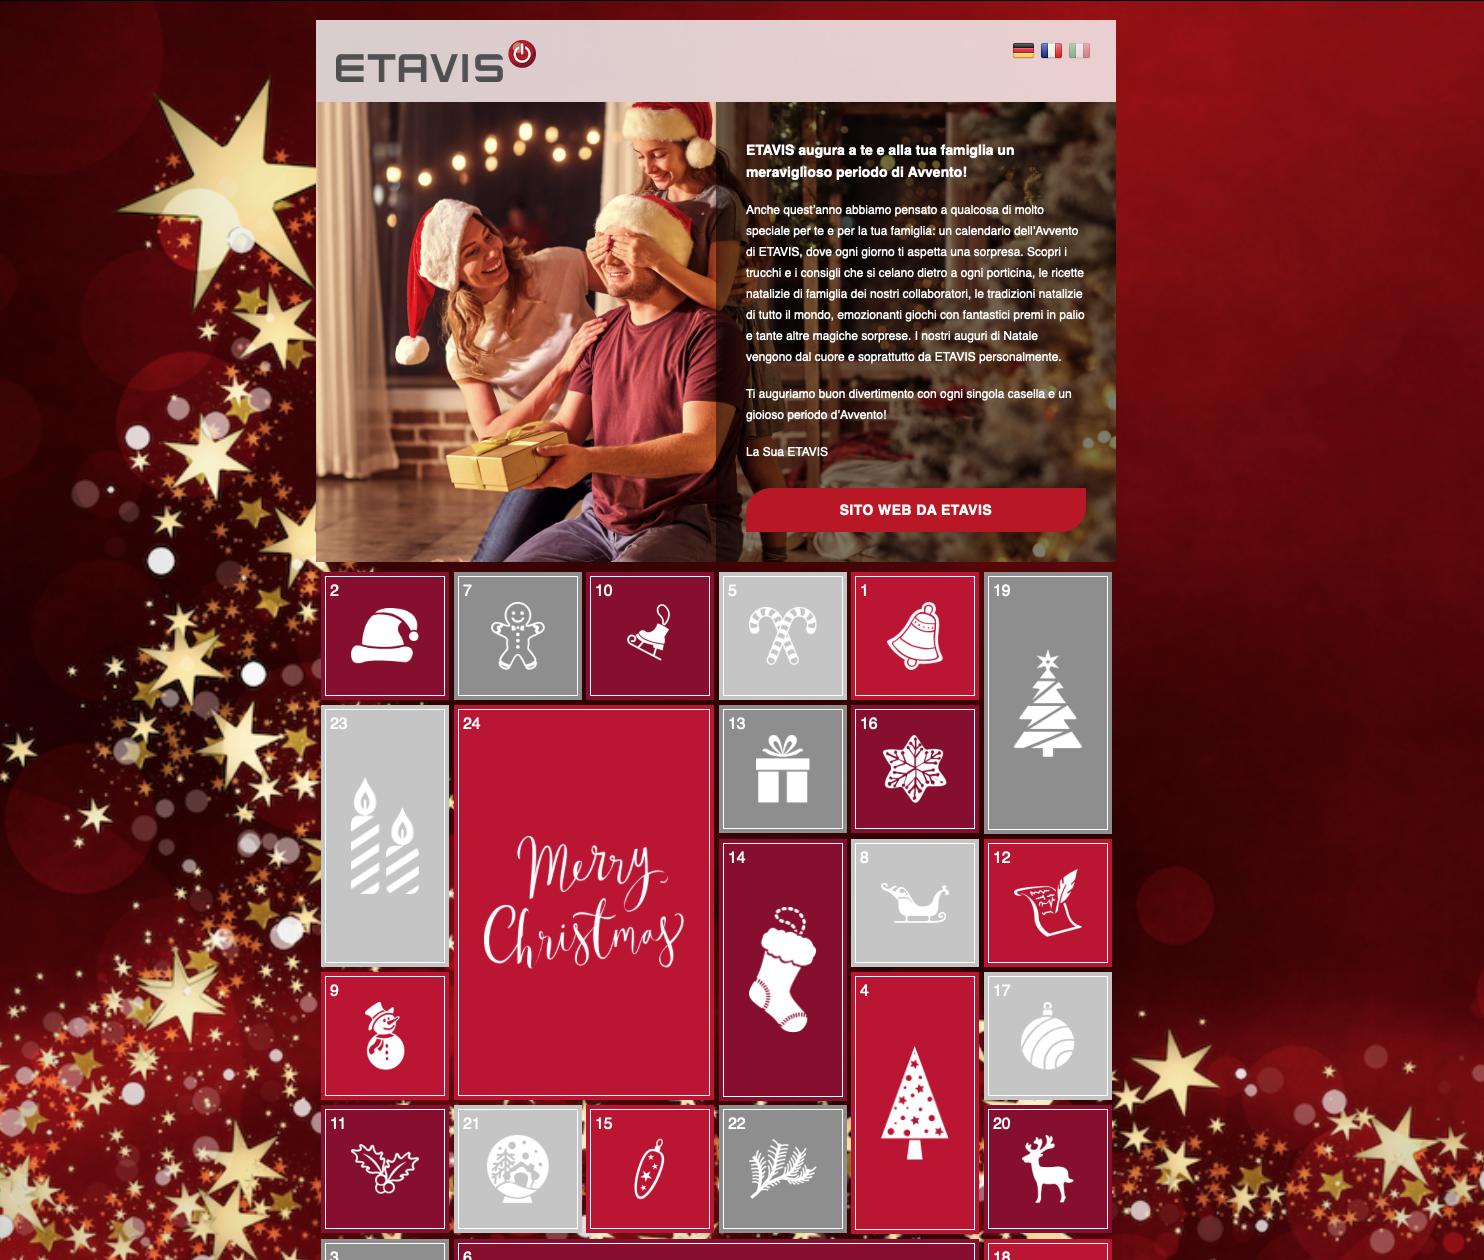 Calendario dell'Avvento ETAVIS 2020: fatevi sorprendere ogni giorno da noi